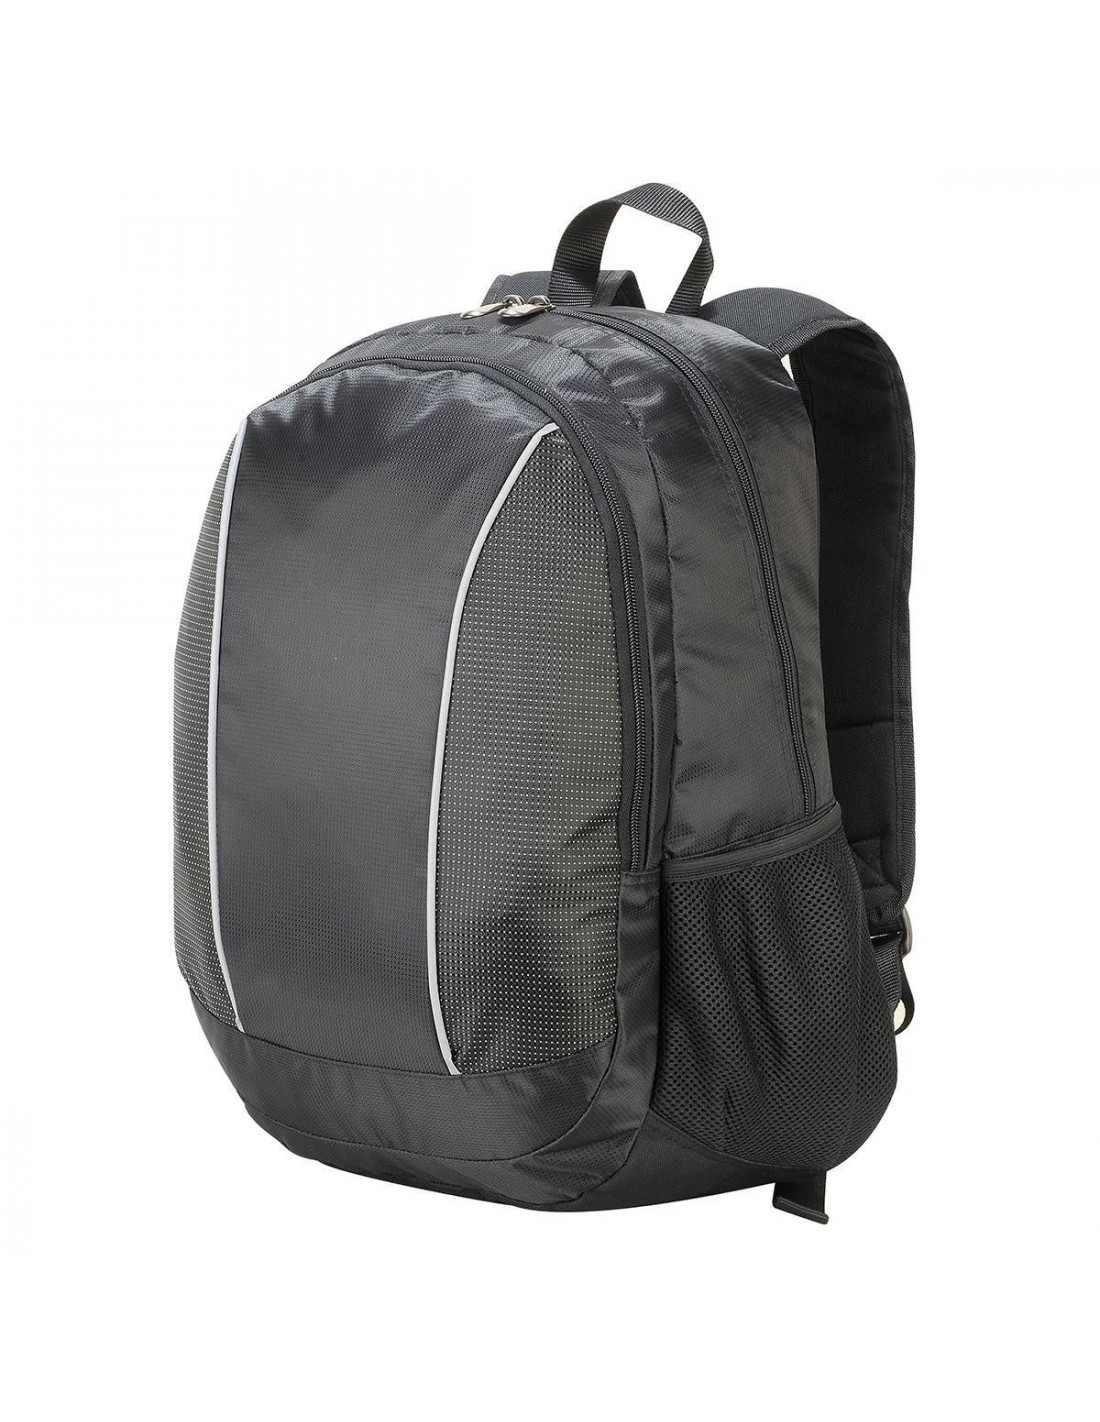 7350e51a2457f Plecak na laptop Shugon Zurich z własnym nadrukiem